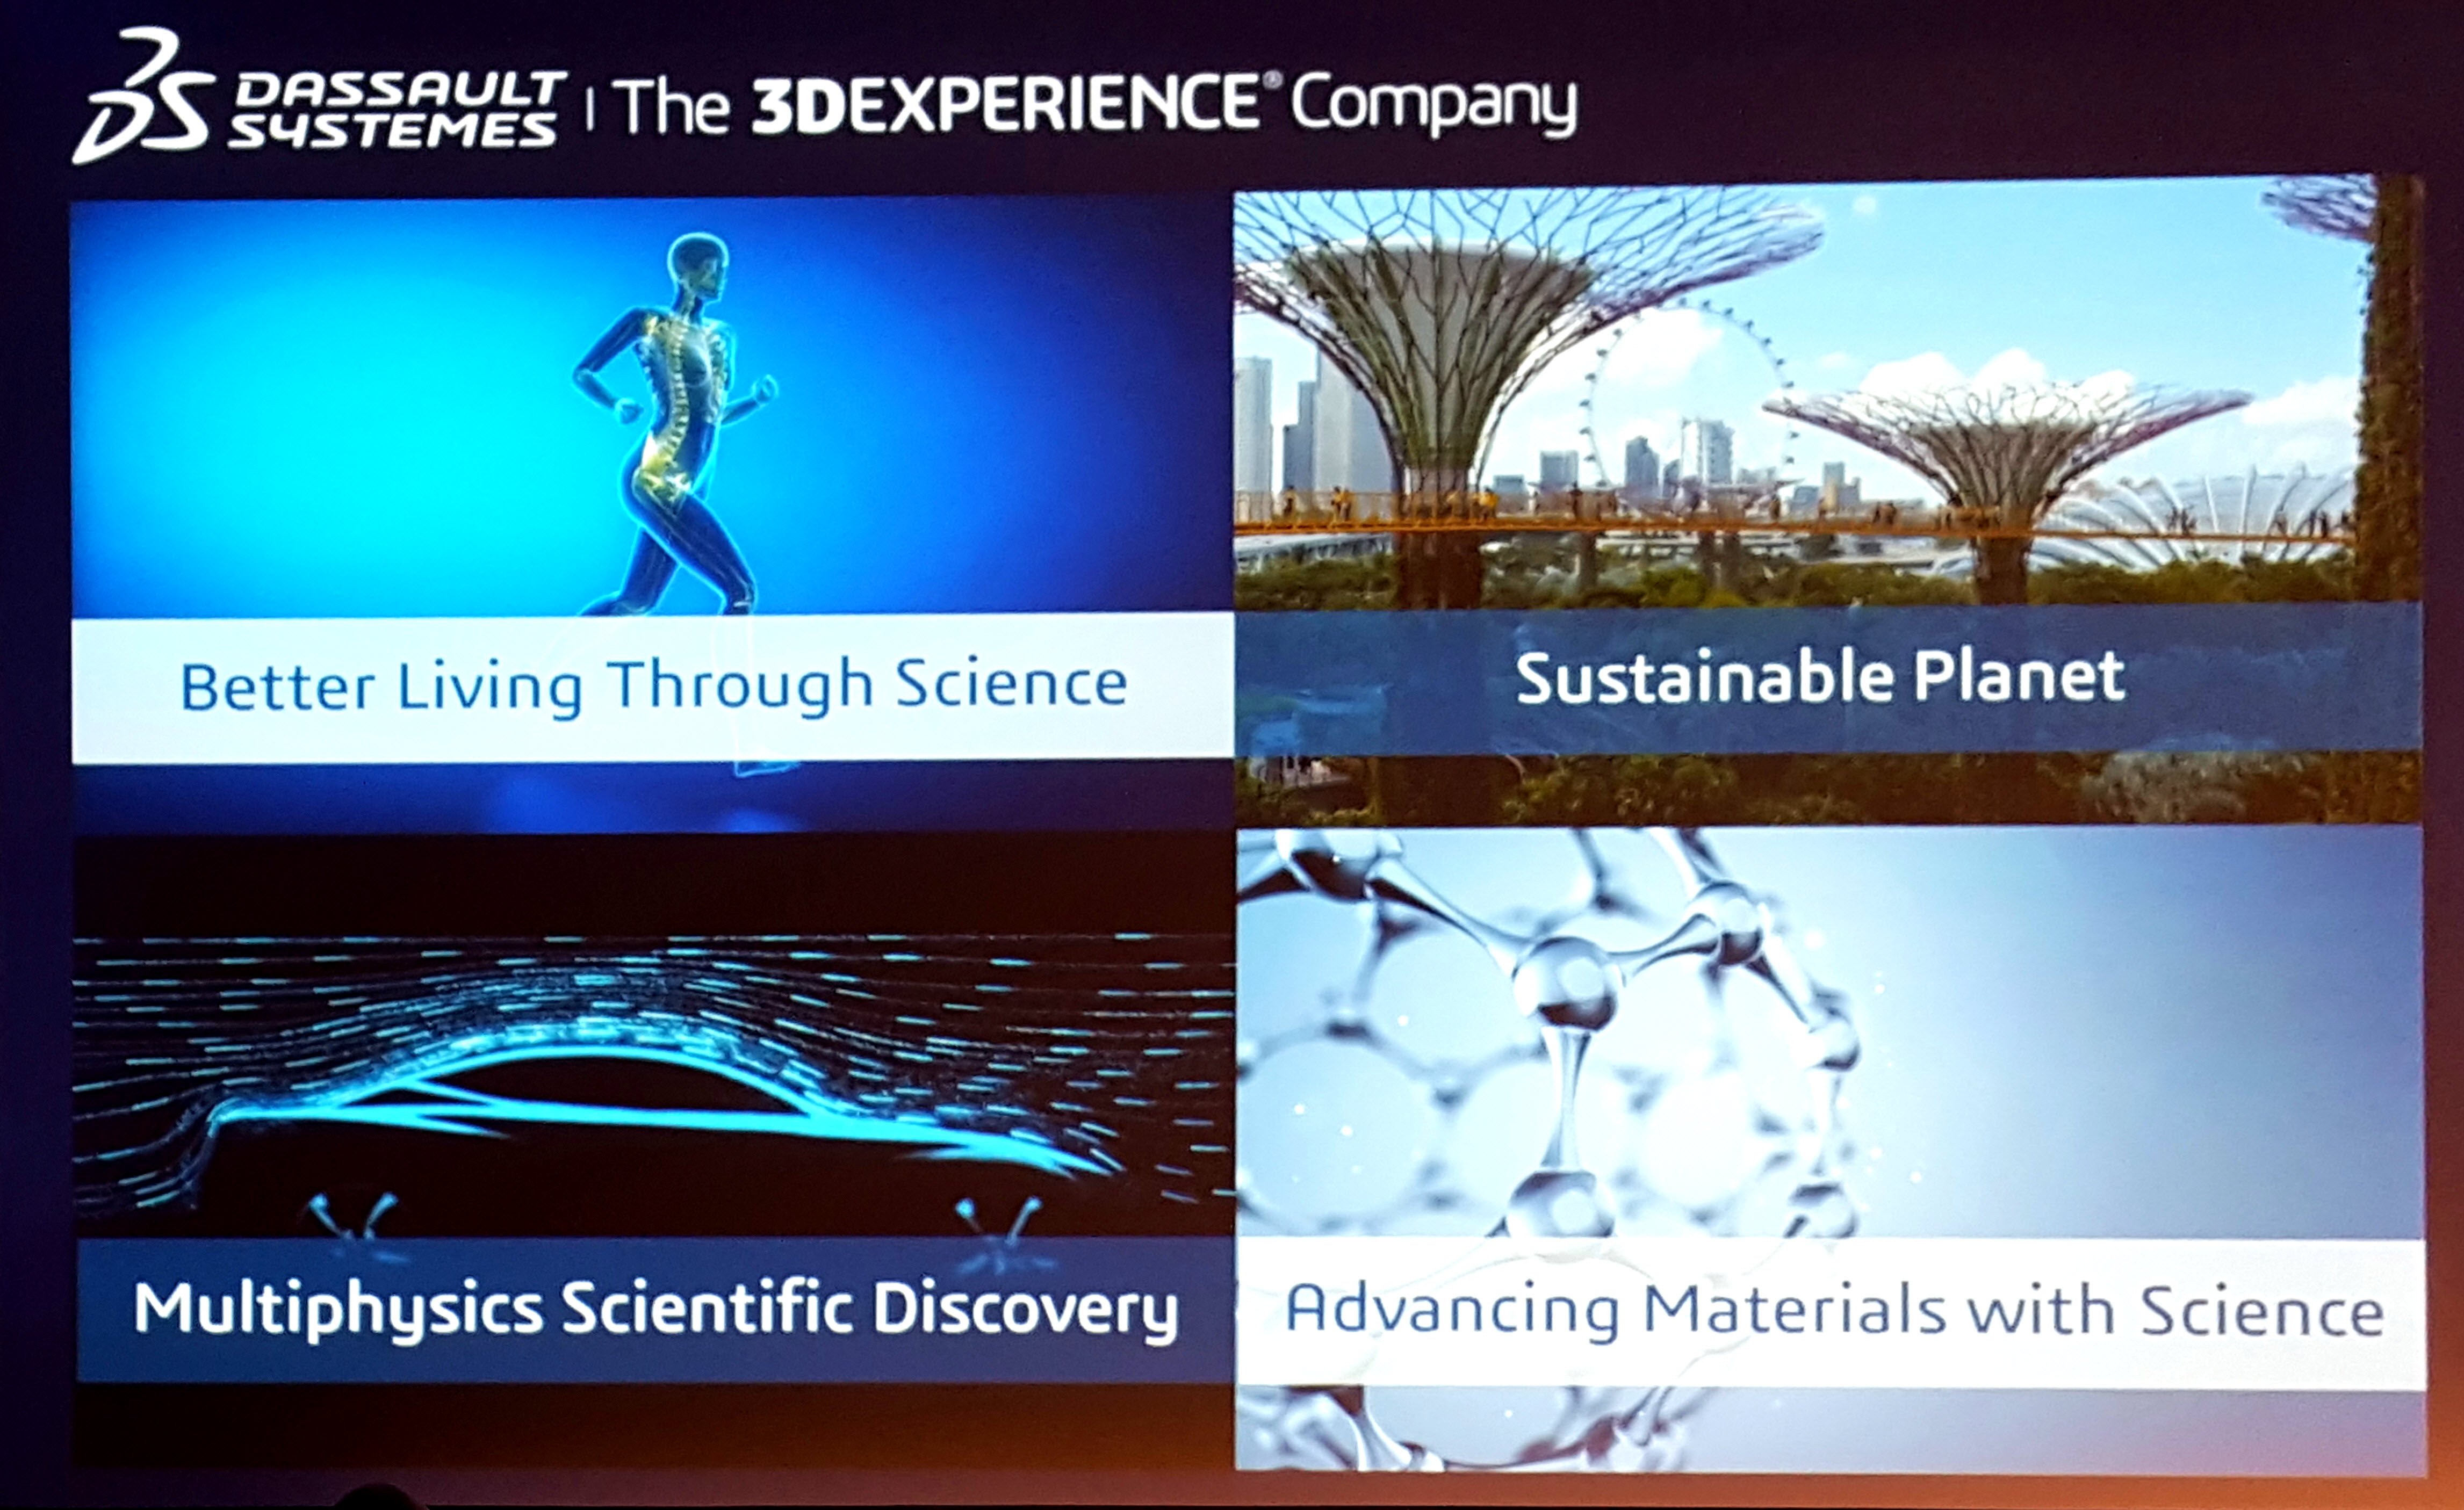 Ohlédnutí za konferencí Science in the Age of Experience 2017